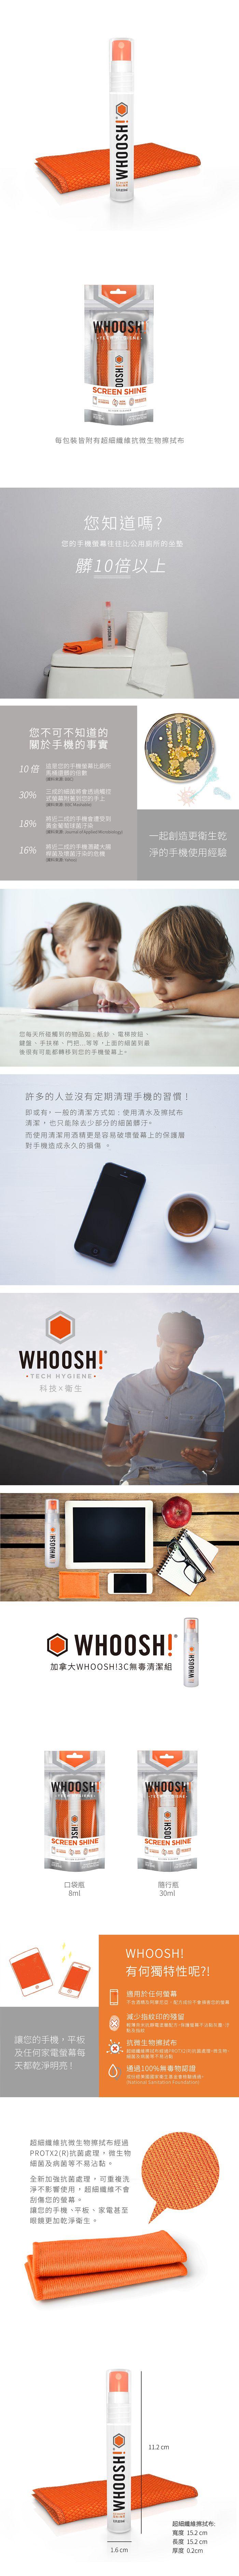 加拿大 WHOOSH | 3C 無毒清潔組 - 口袋瓶 8ml